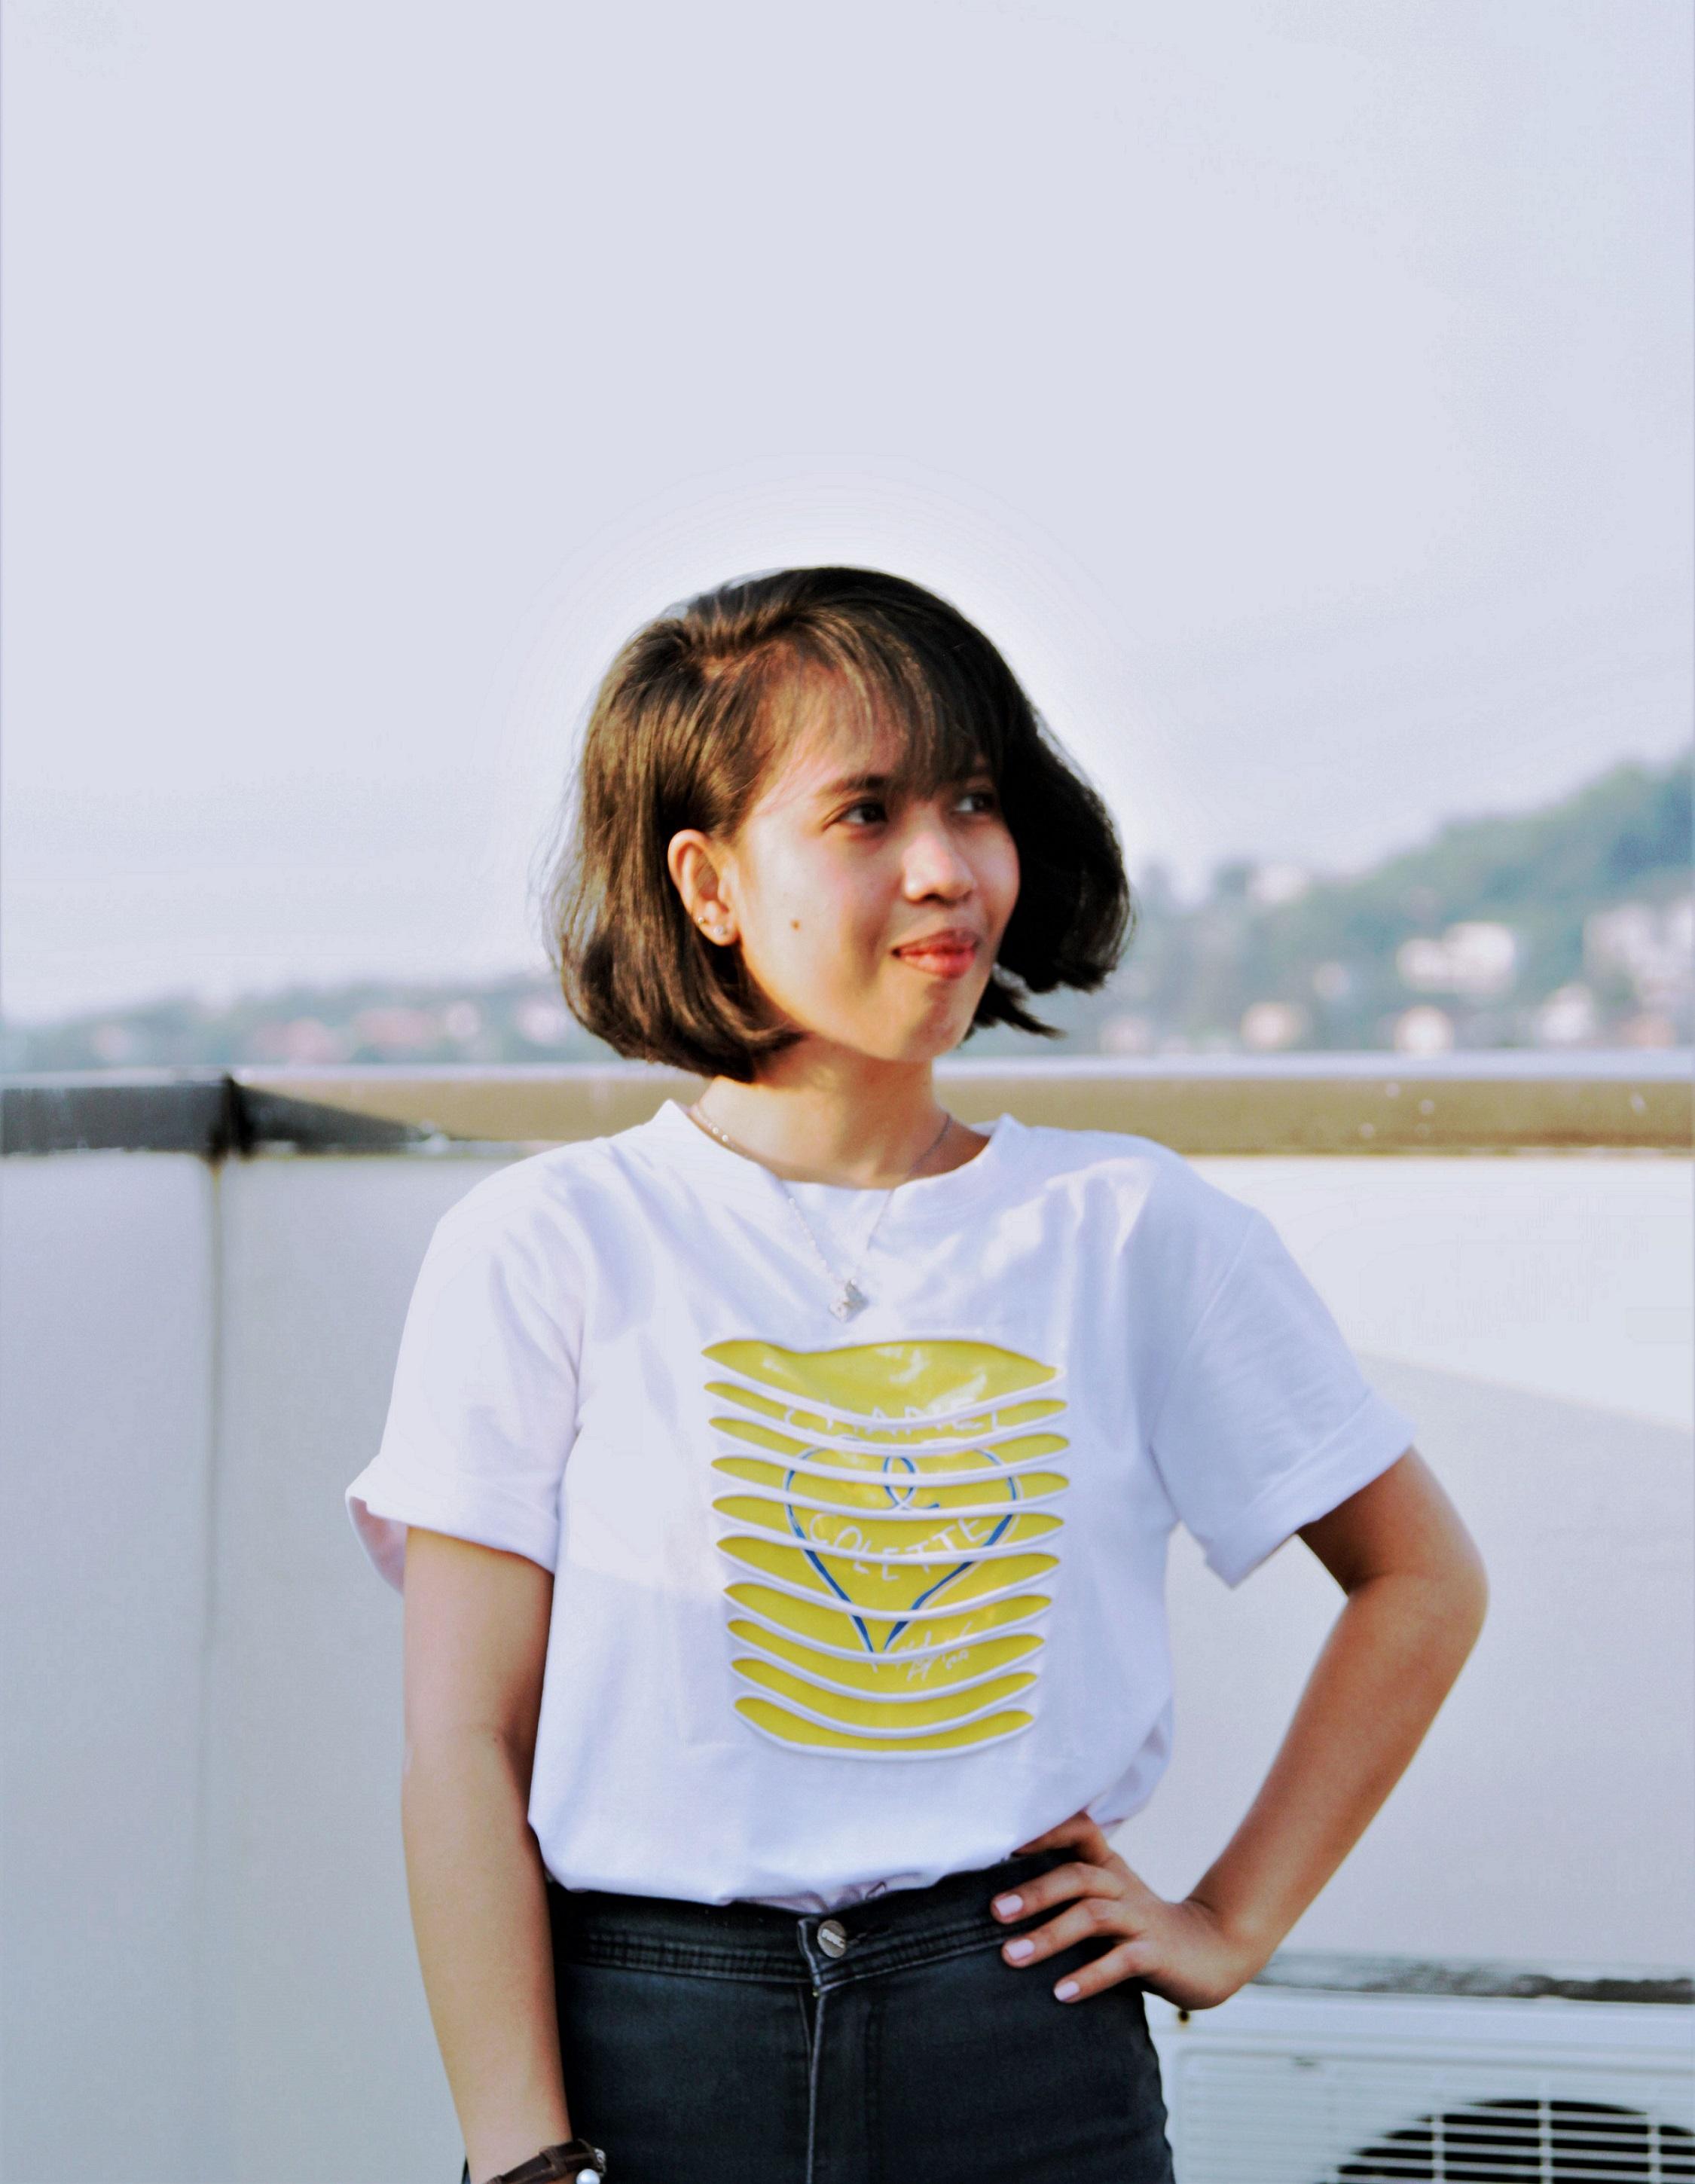 Sarah May Palosa